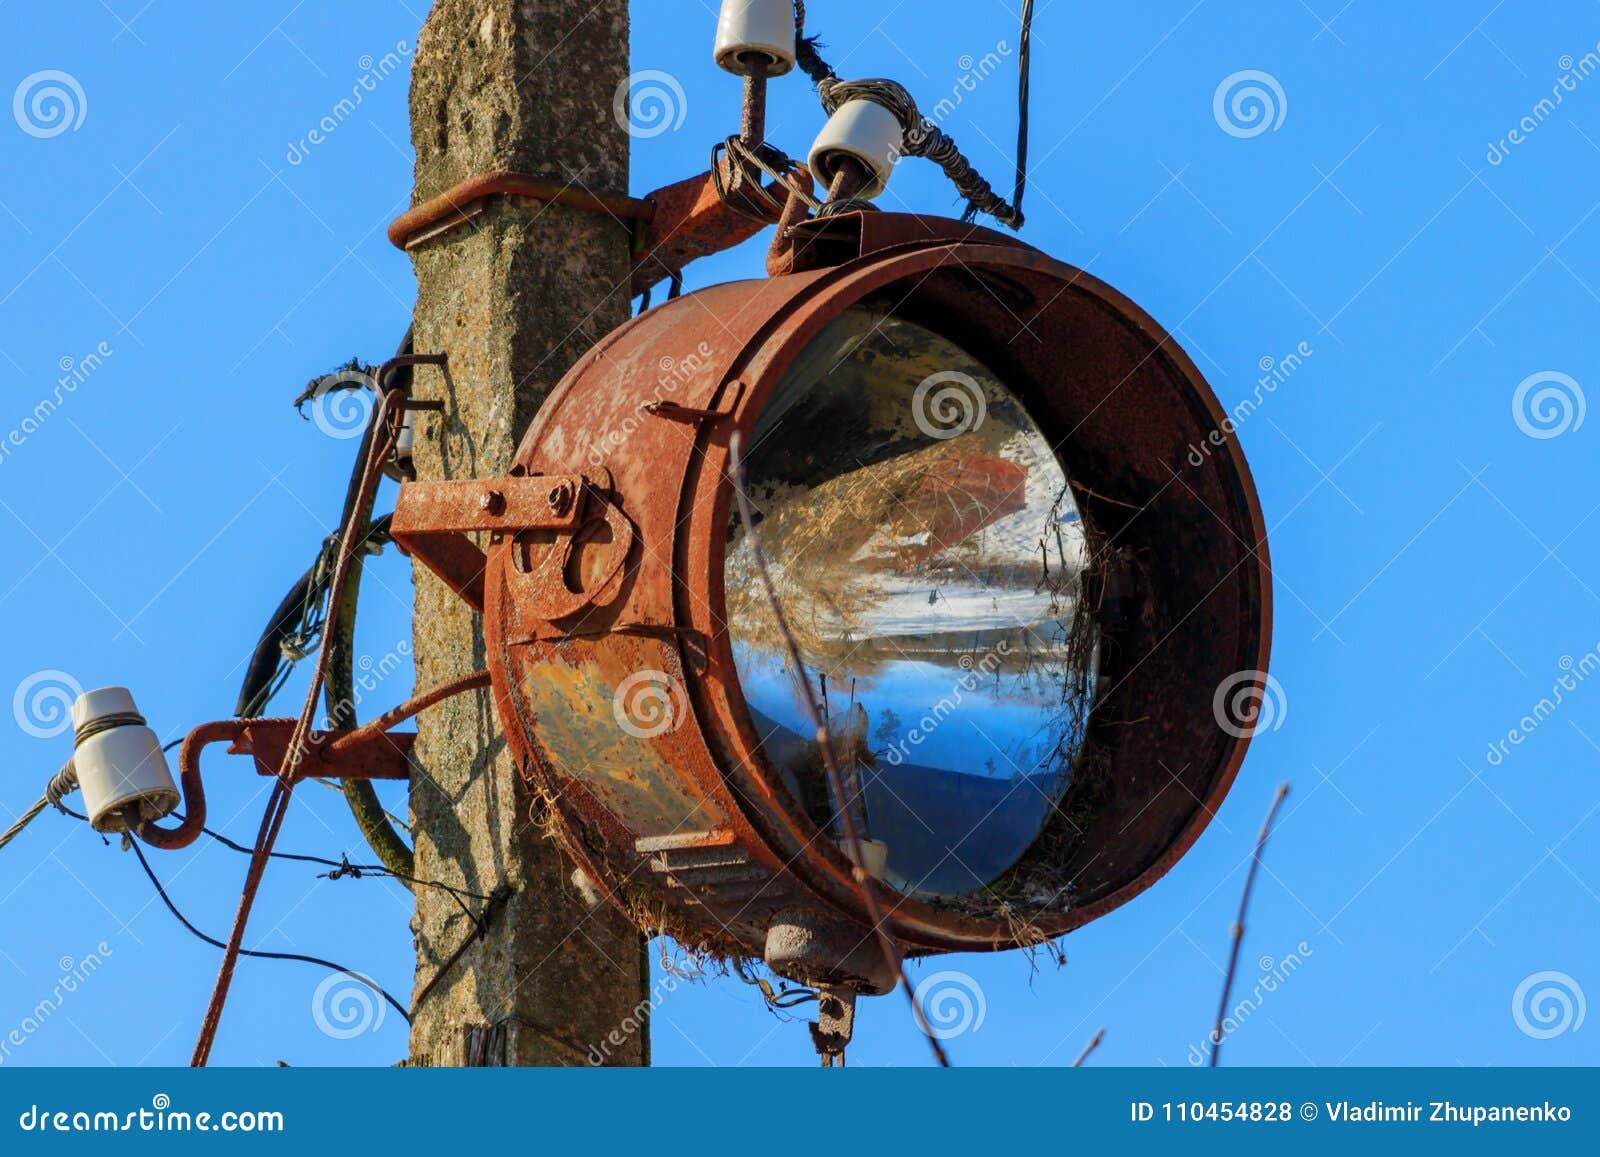 Den gamla rostiga flodljuset monterade på en service av elektricitetsöverföringar